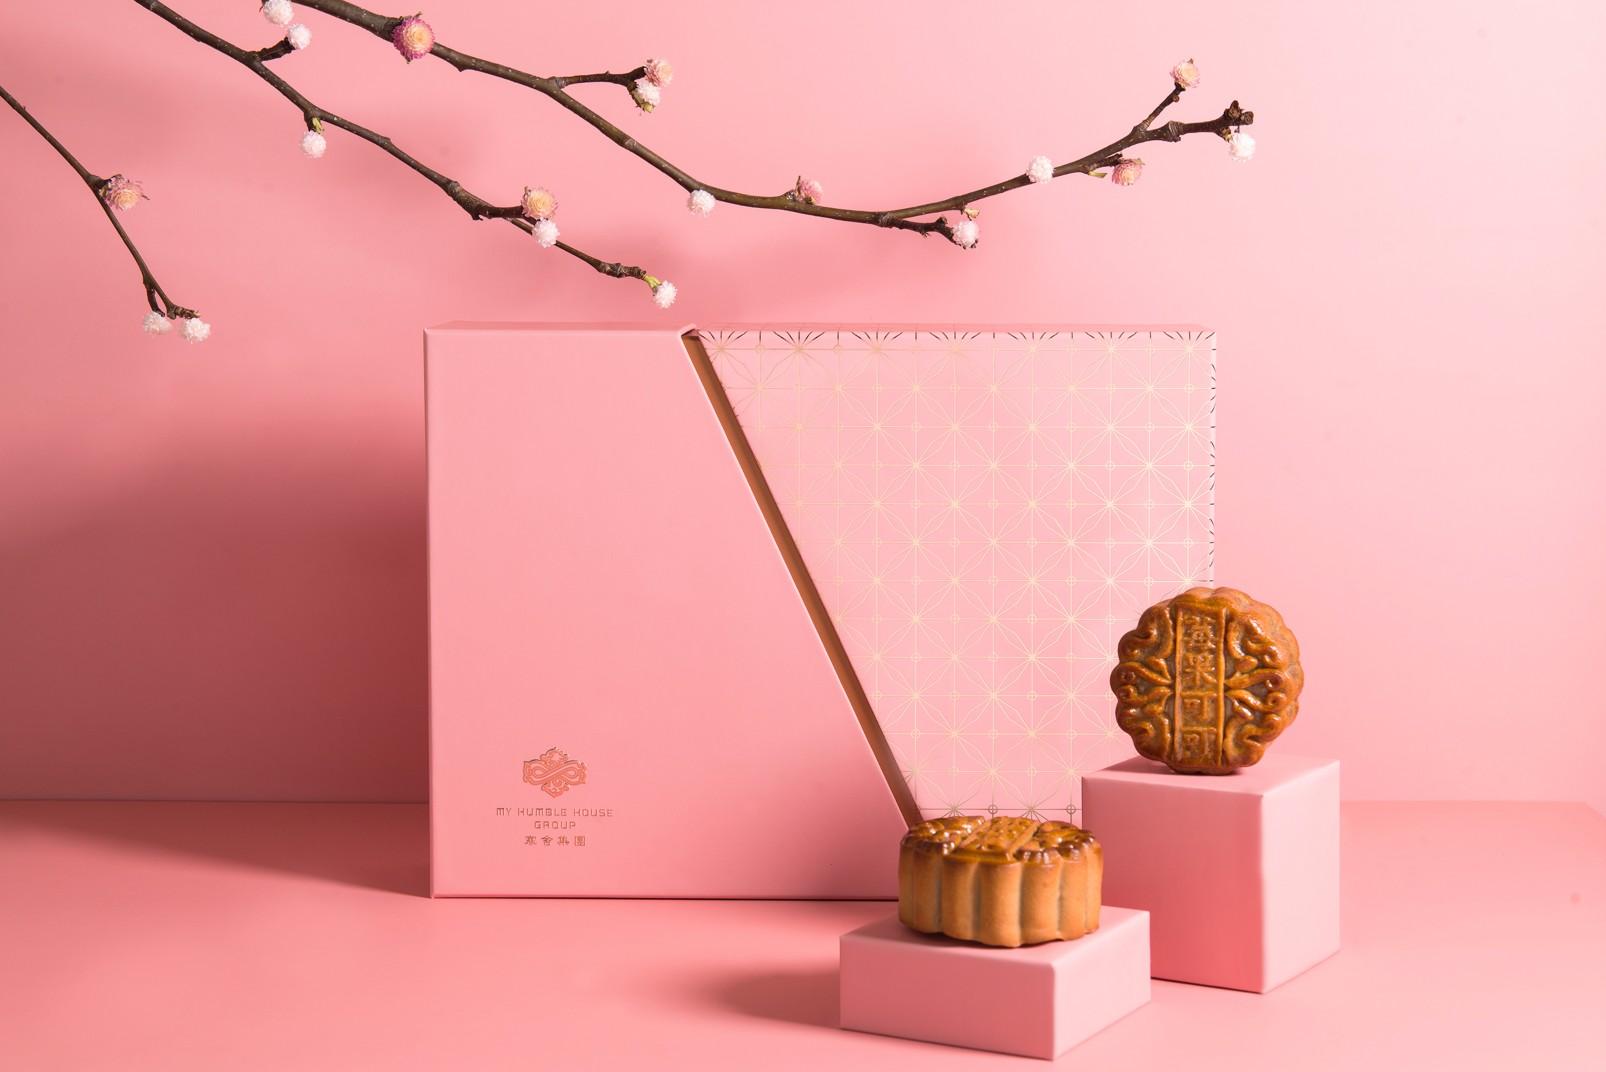 寒舍集團的「映花櫺」廣式月餅禮盒,今年推出「莓果可可」以及「流心奶黃」的新口味。(圖片:寒舍集團提供)